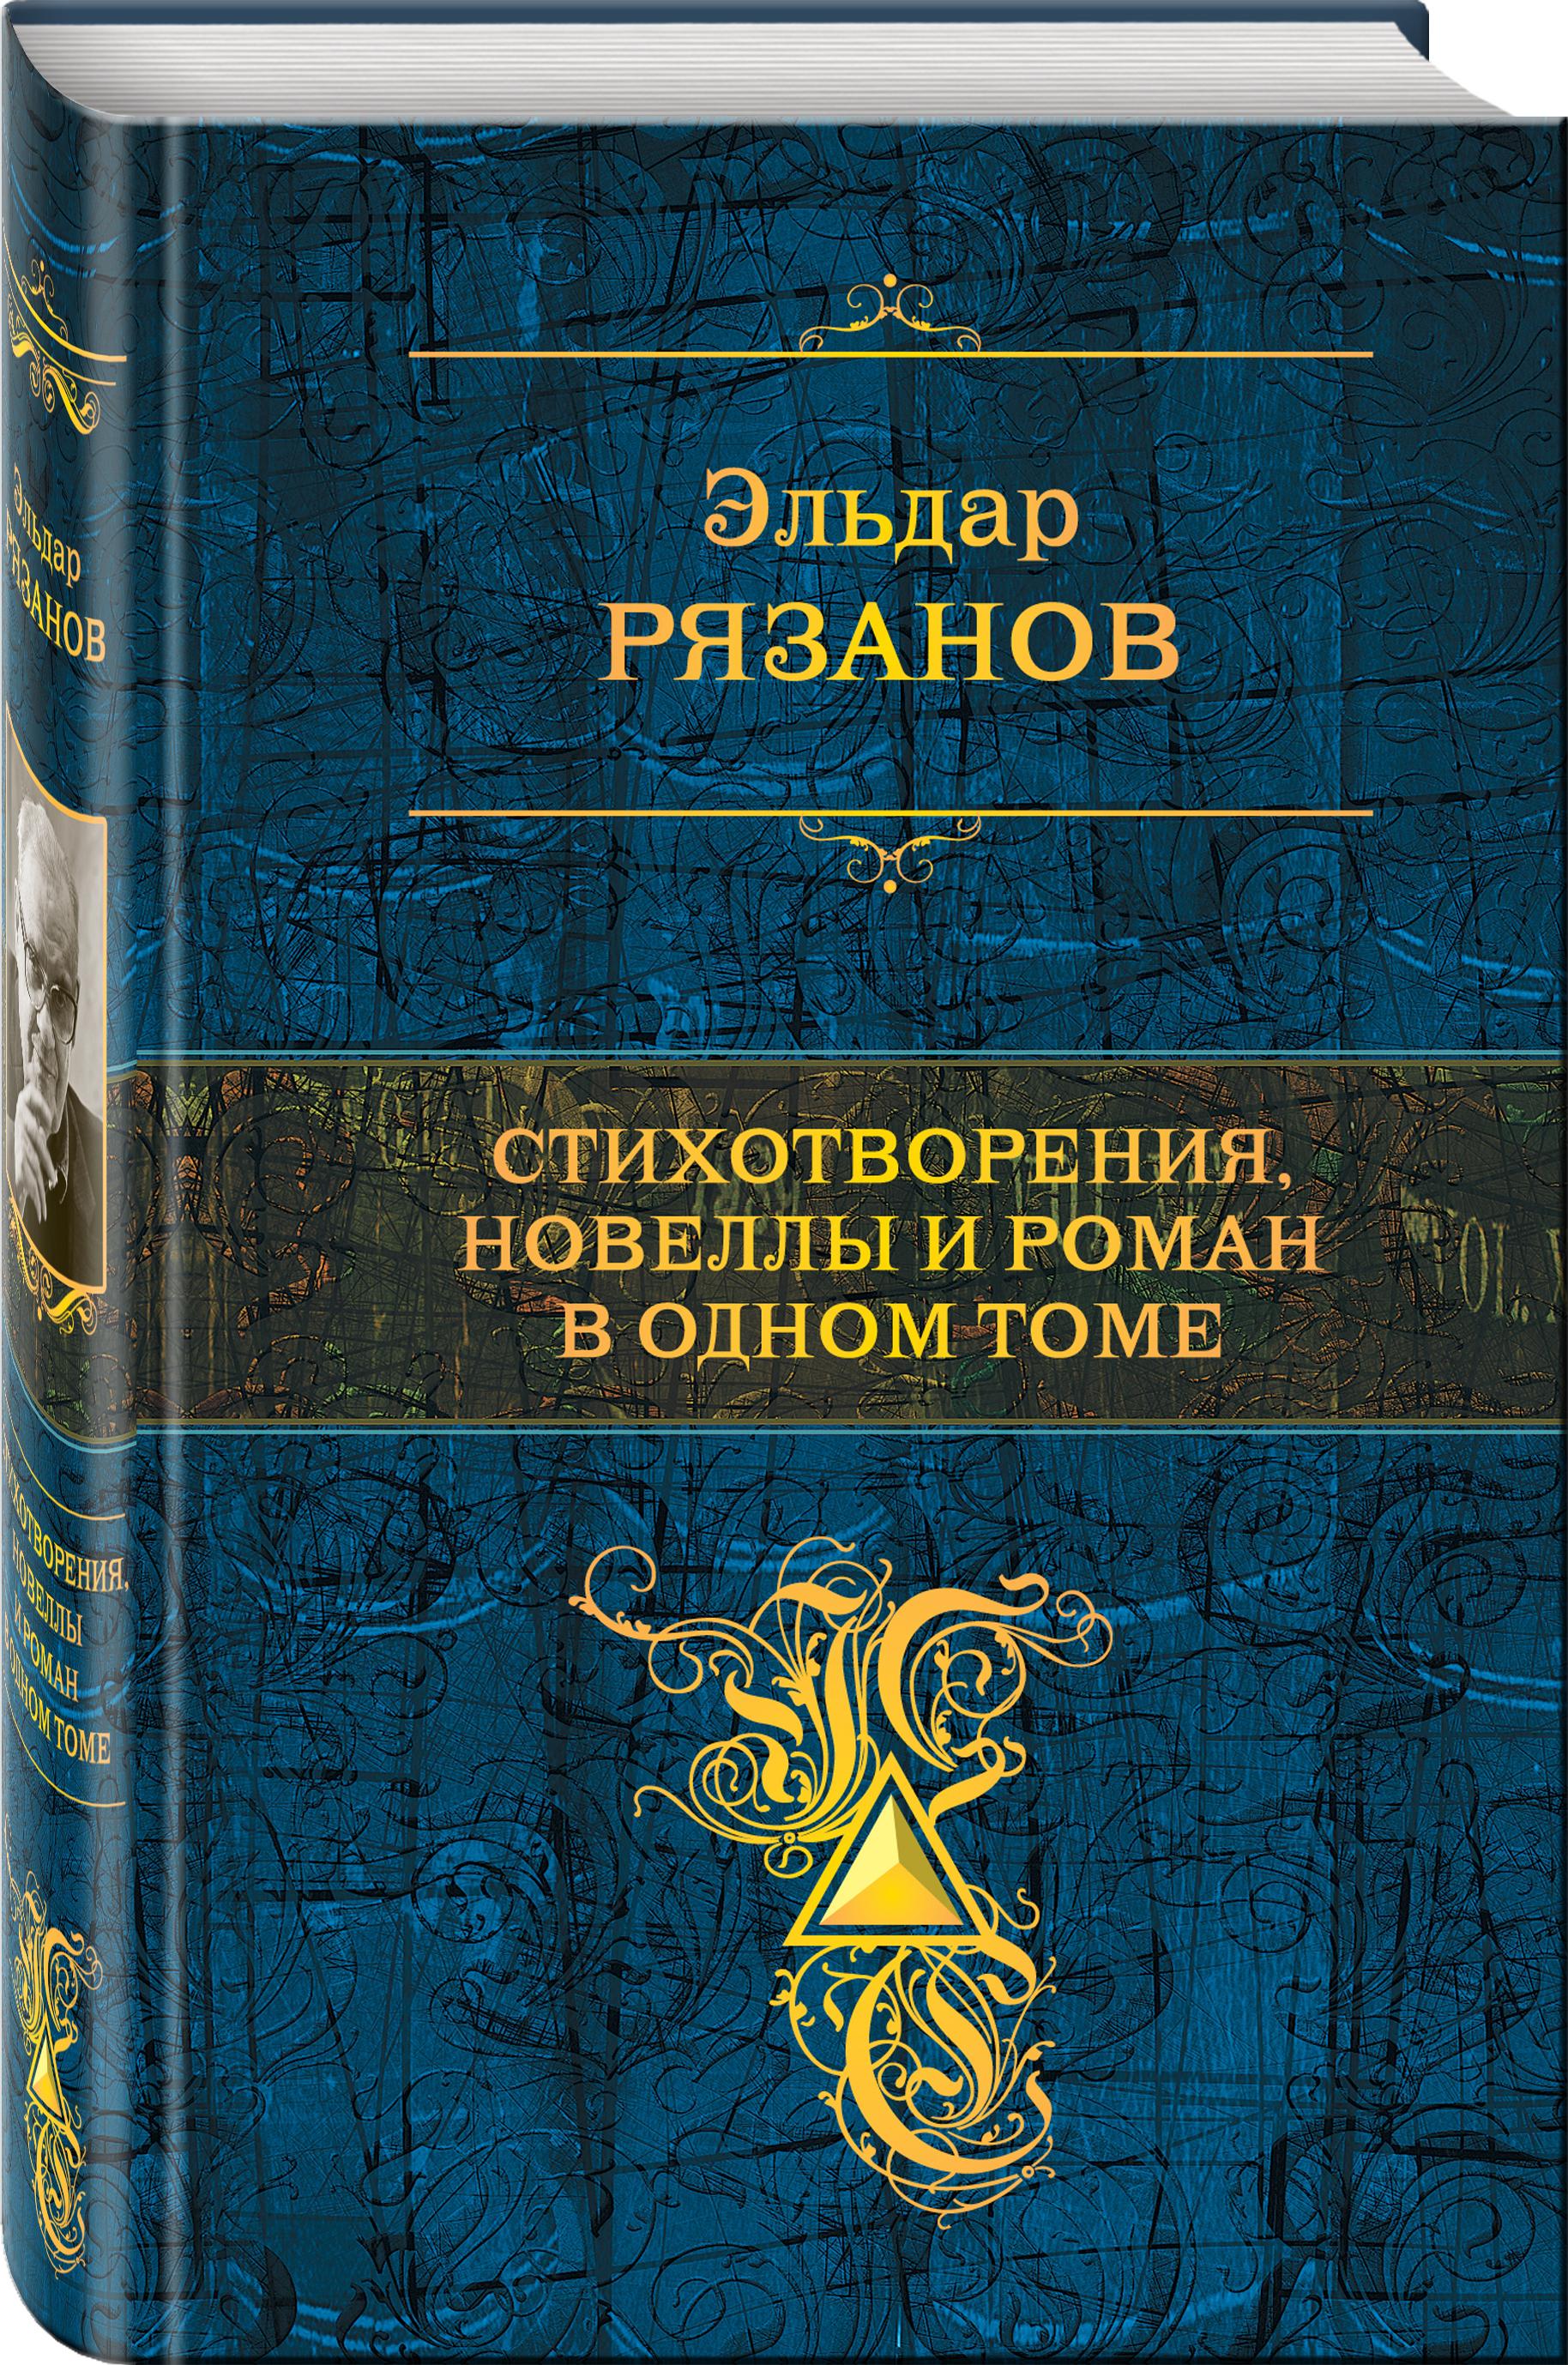 Эльдар Рязанов Стихотворения, новеллы и роман в одном томе